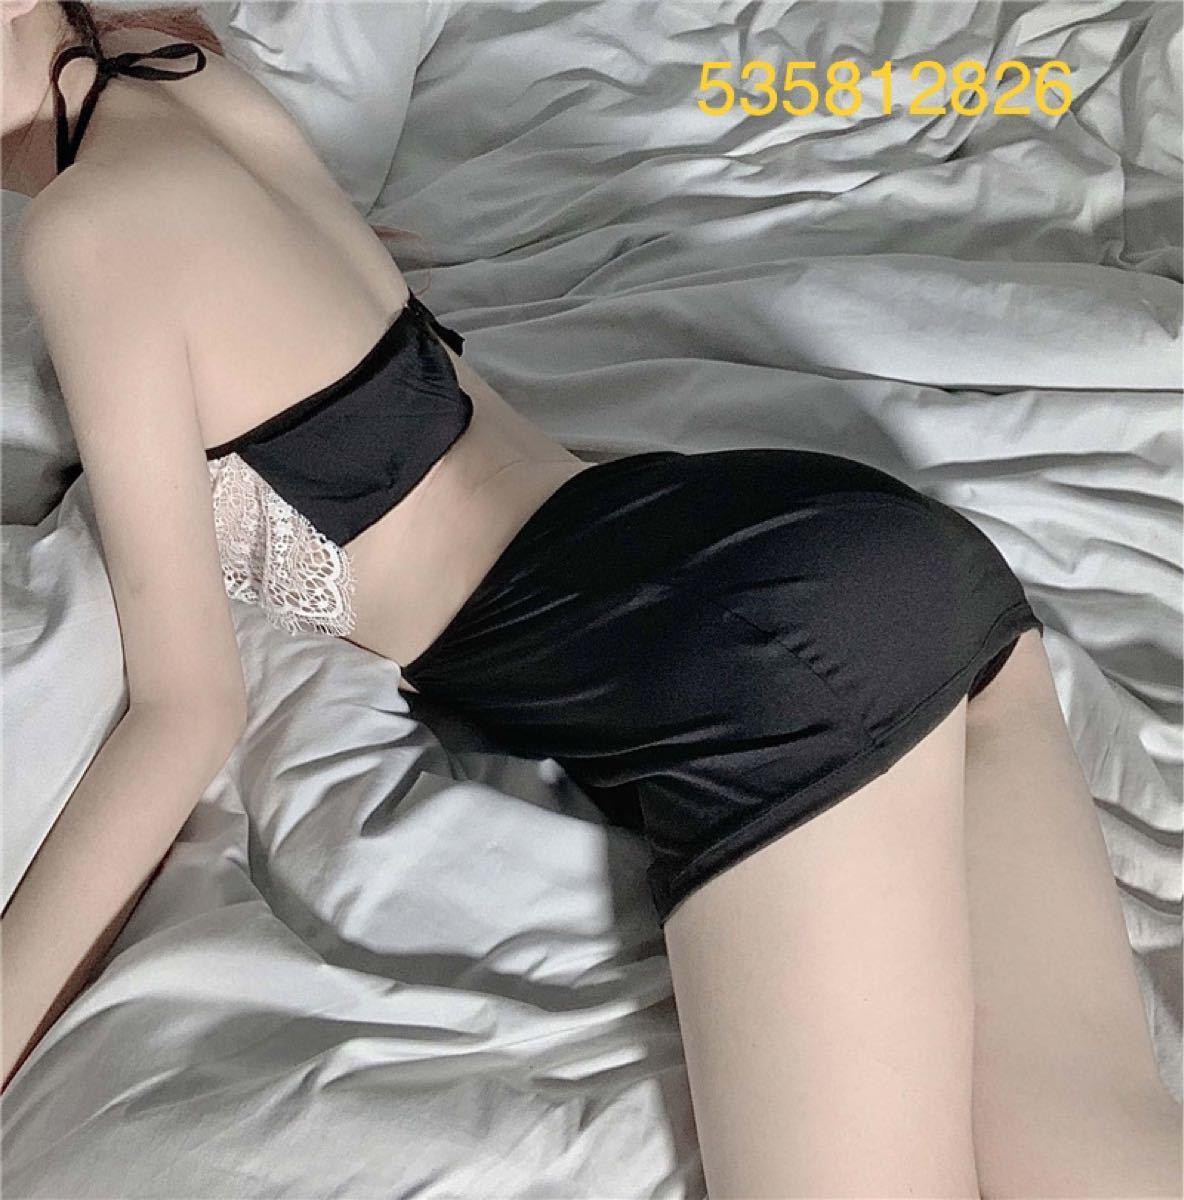 セクシーコスプレ 透け透け コスプレ衣装 セクシーランジェリー